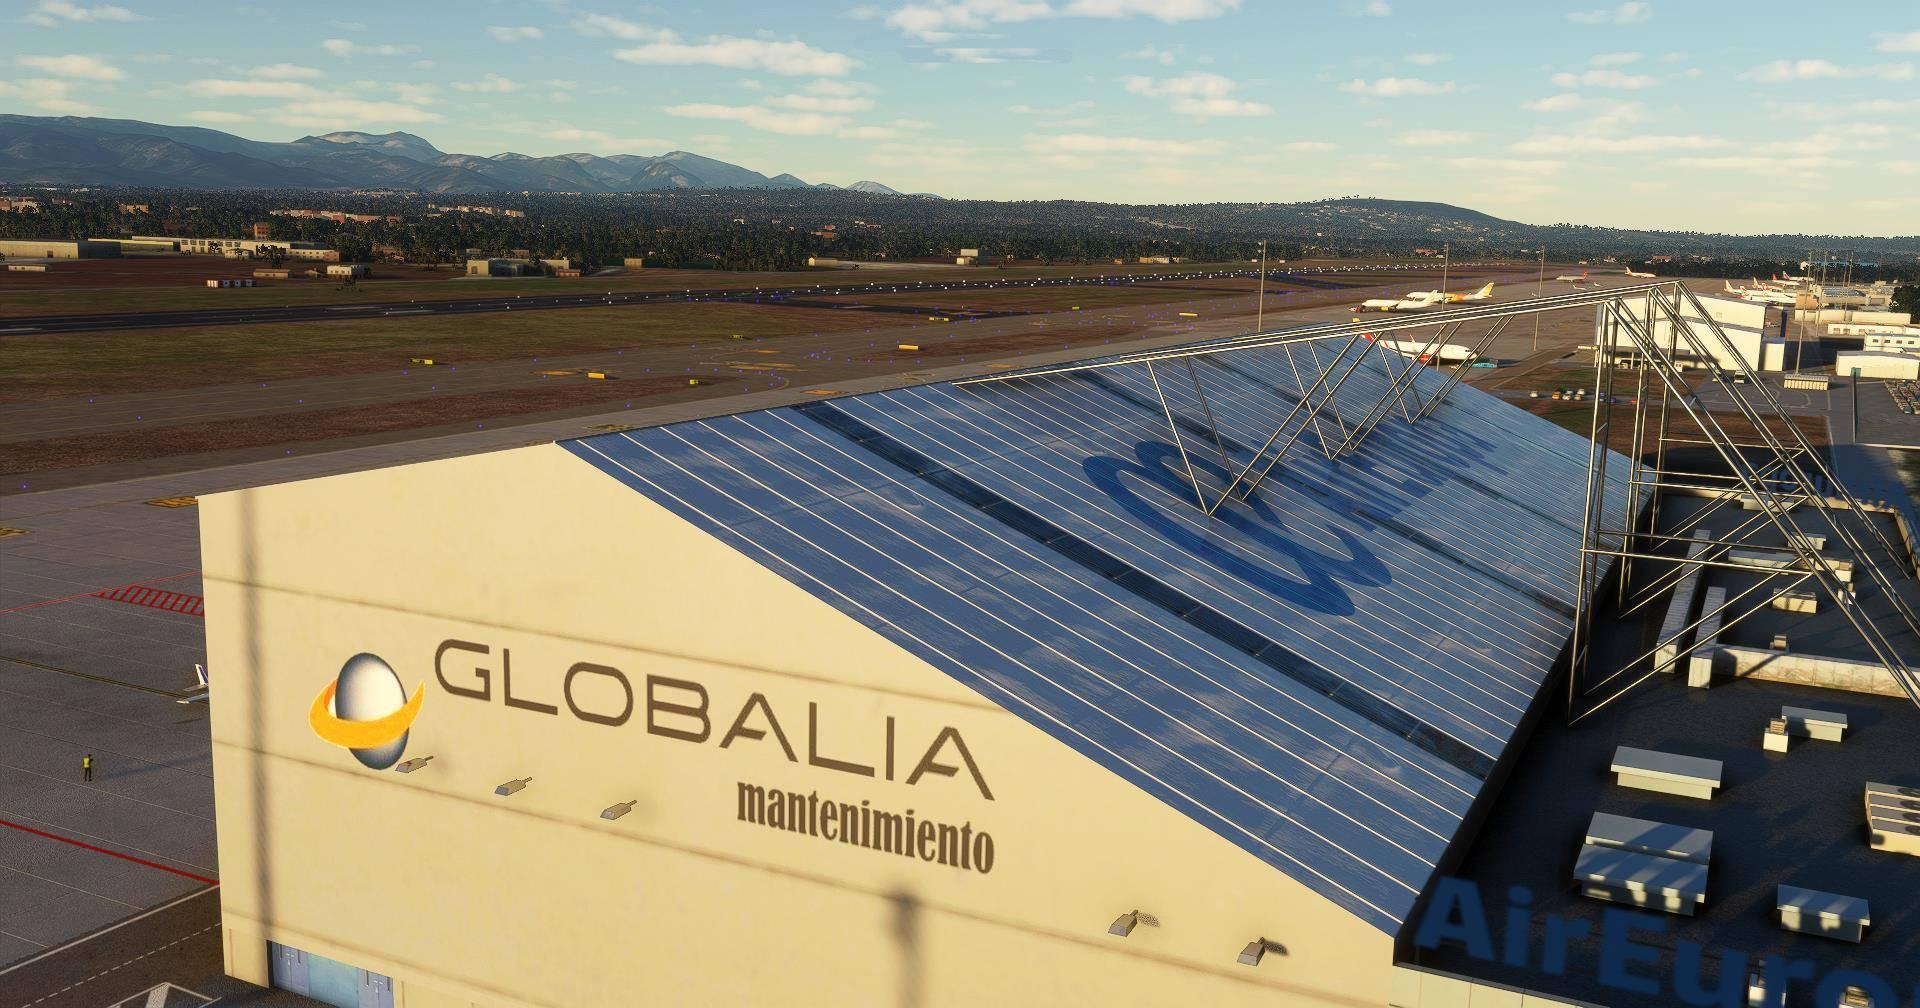 palma-de-mallorca-airport-microsoft-flight-simulator_45_ss_l_211008080123